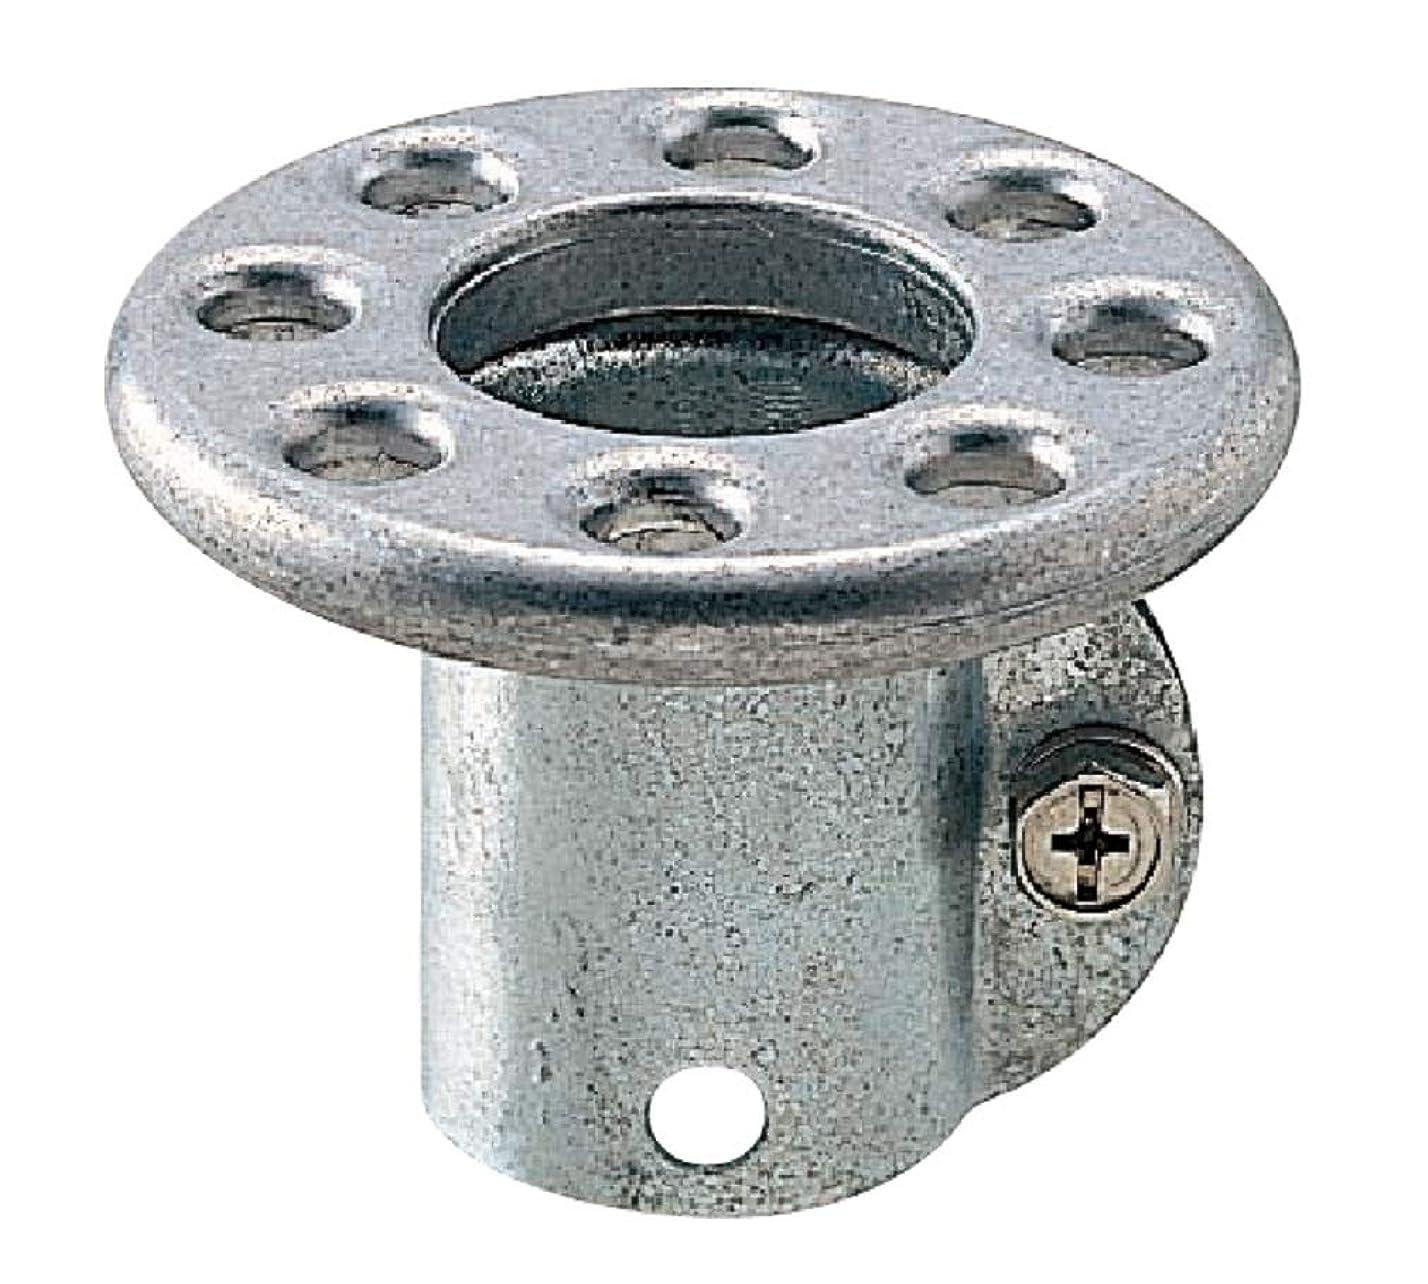 においスズメバチ頭蓋骨マスプロ電工 マスト支線止め金具 31.8mm専用 RSG32-P